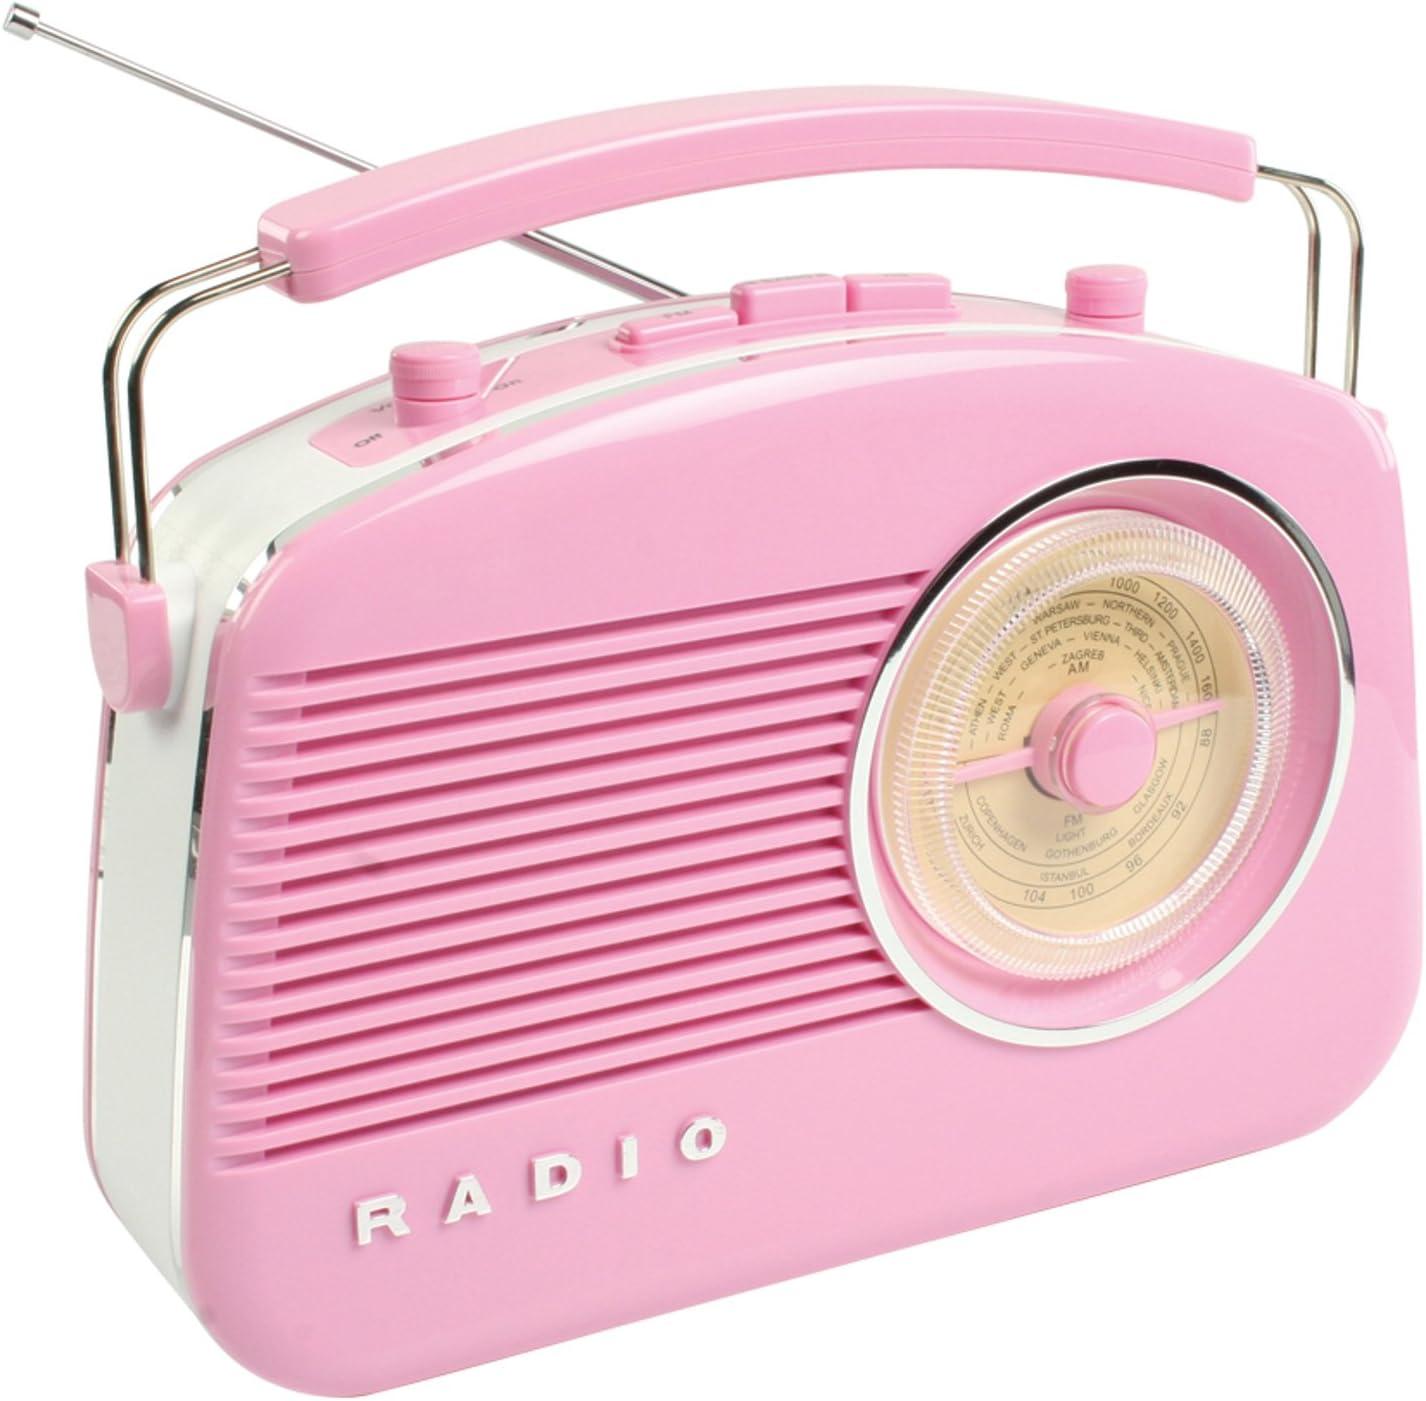 König HAVTR710PI Radio Am/FM DE Dise#O Retro E, 5.5 W, 9 V, Rosa